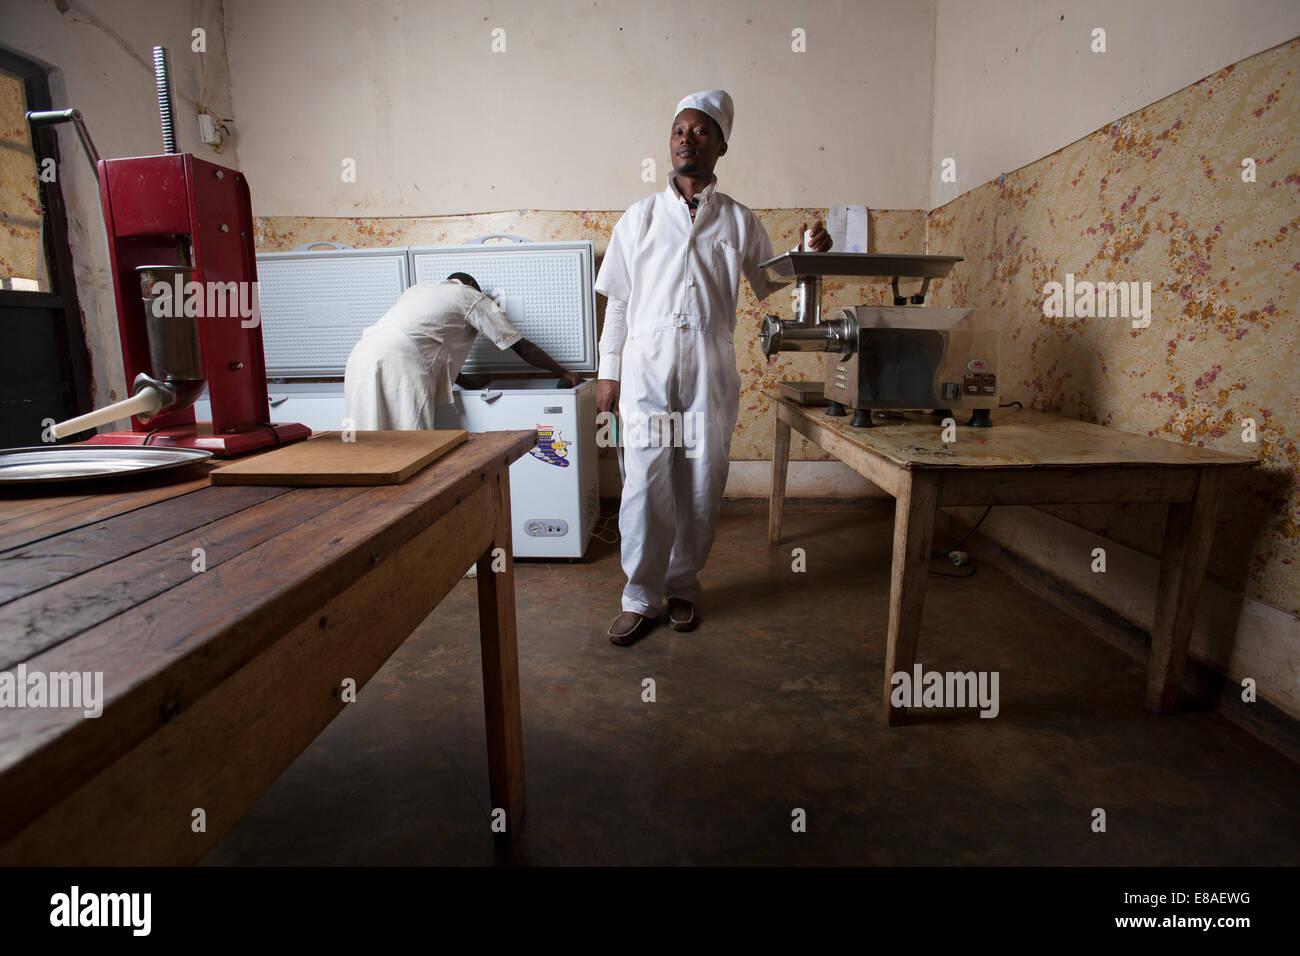 Entrepreneurial butcher poses in his meat processing room, Kigali, Rwanda - Stock Image